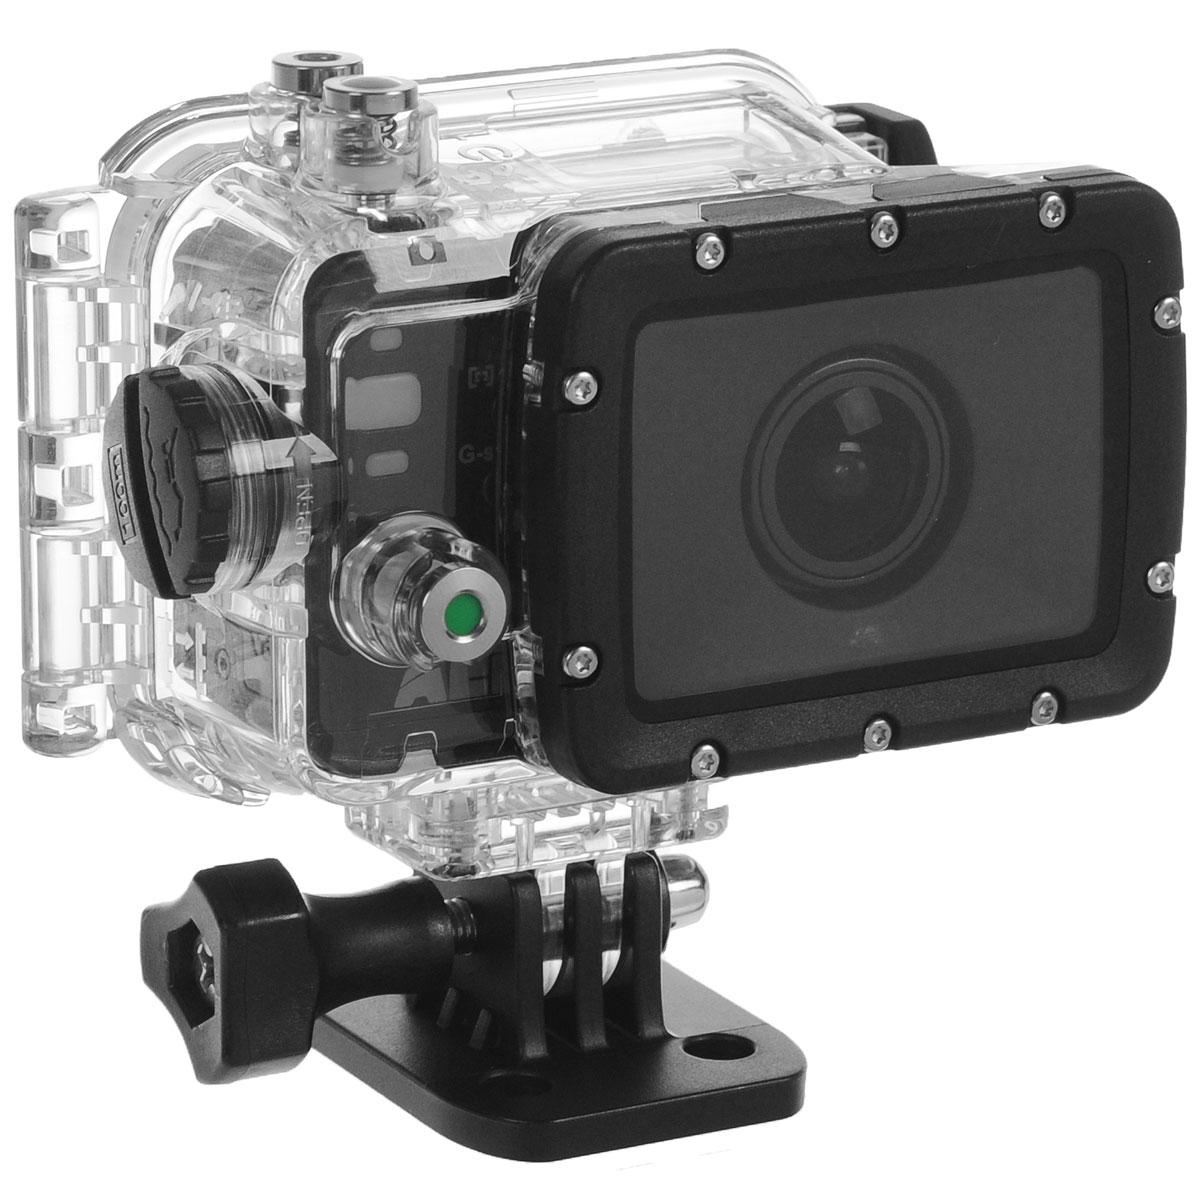 AEE S50+ Magicam экшн-камераS50+AEE экшн-камера S50+ - это революционное решение среди камер для экстремальной съемки. Принципиально новый и современный дизайн, повышенный уровень эргономики, качество съемки Full HD позволяют записать видеоролик, который передаст атмосферу даже самого опасного приключения!Разрешение фотосъемки: 8 MпиксФормат изображений: JPEGСъемная литиевая батарея: 1500мAч, что обеспечивает до 2.5 часов записи видеоТемпература хранения : -20 - 60°СТемпература эксплуатации : -10 - 50°СВлажность во время эксплуатации: 15-85% относительной влажностиКак выбрать экшн-камеру. Статья OZON Гид